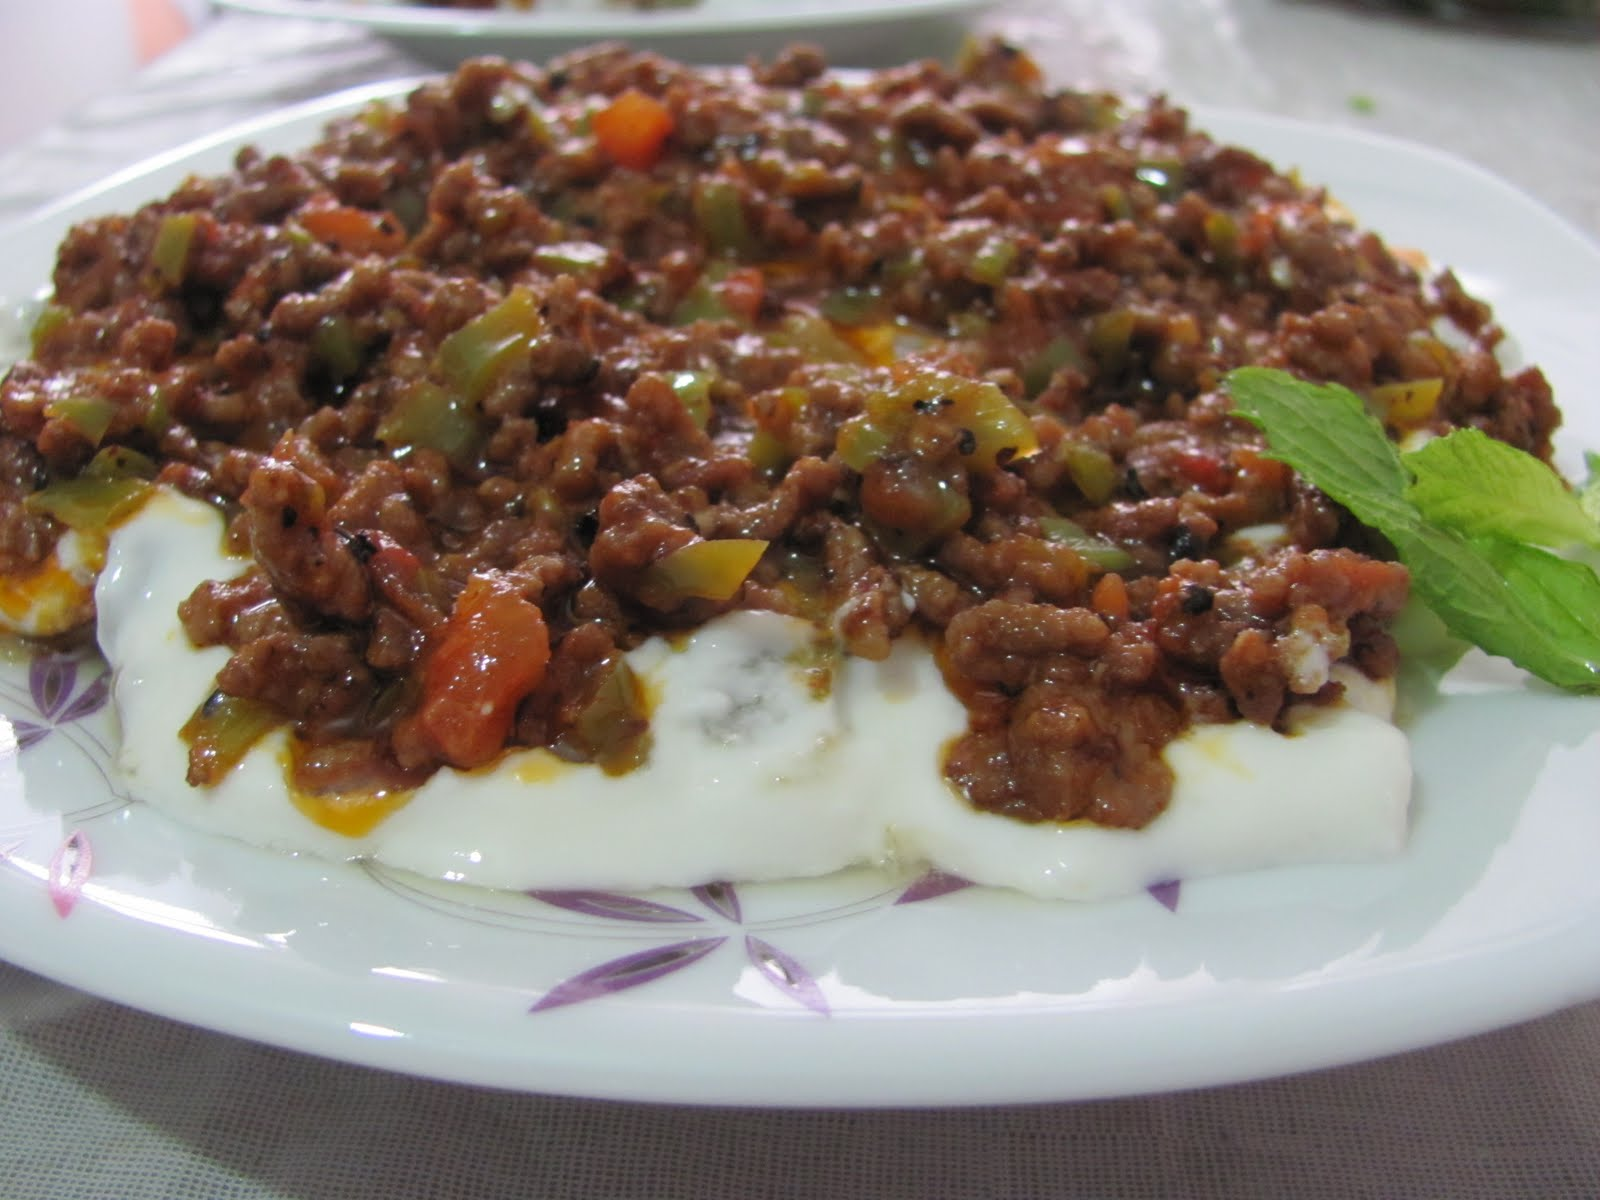 Ali nazik yemekleri ile Etiketlenen Konular